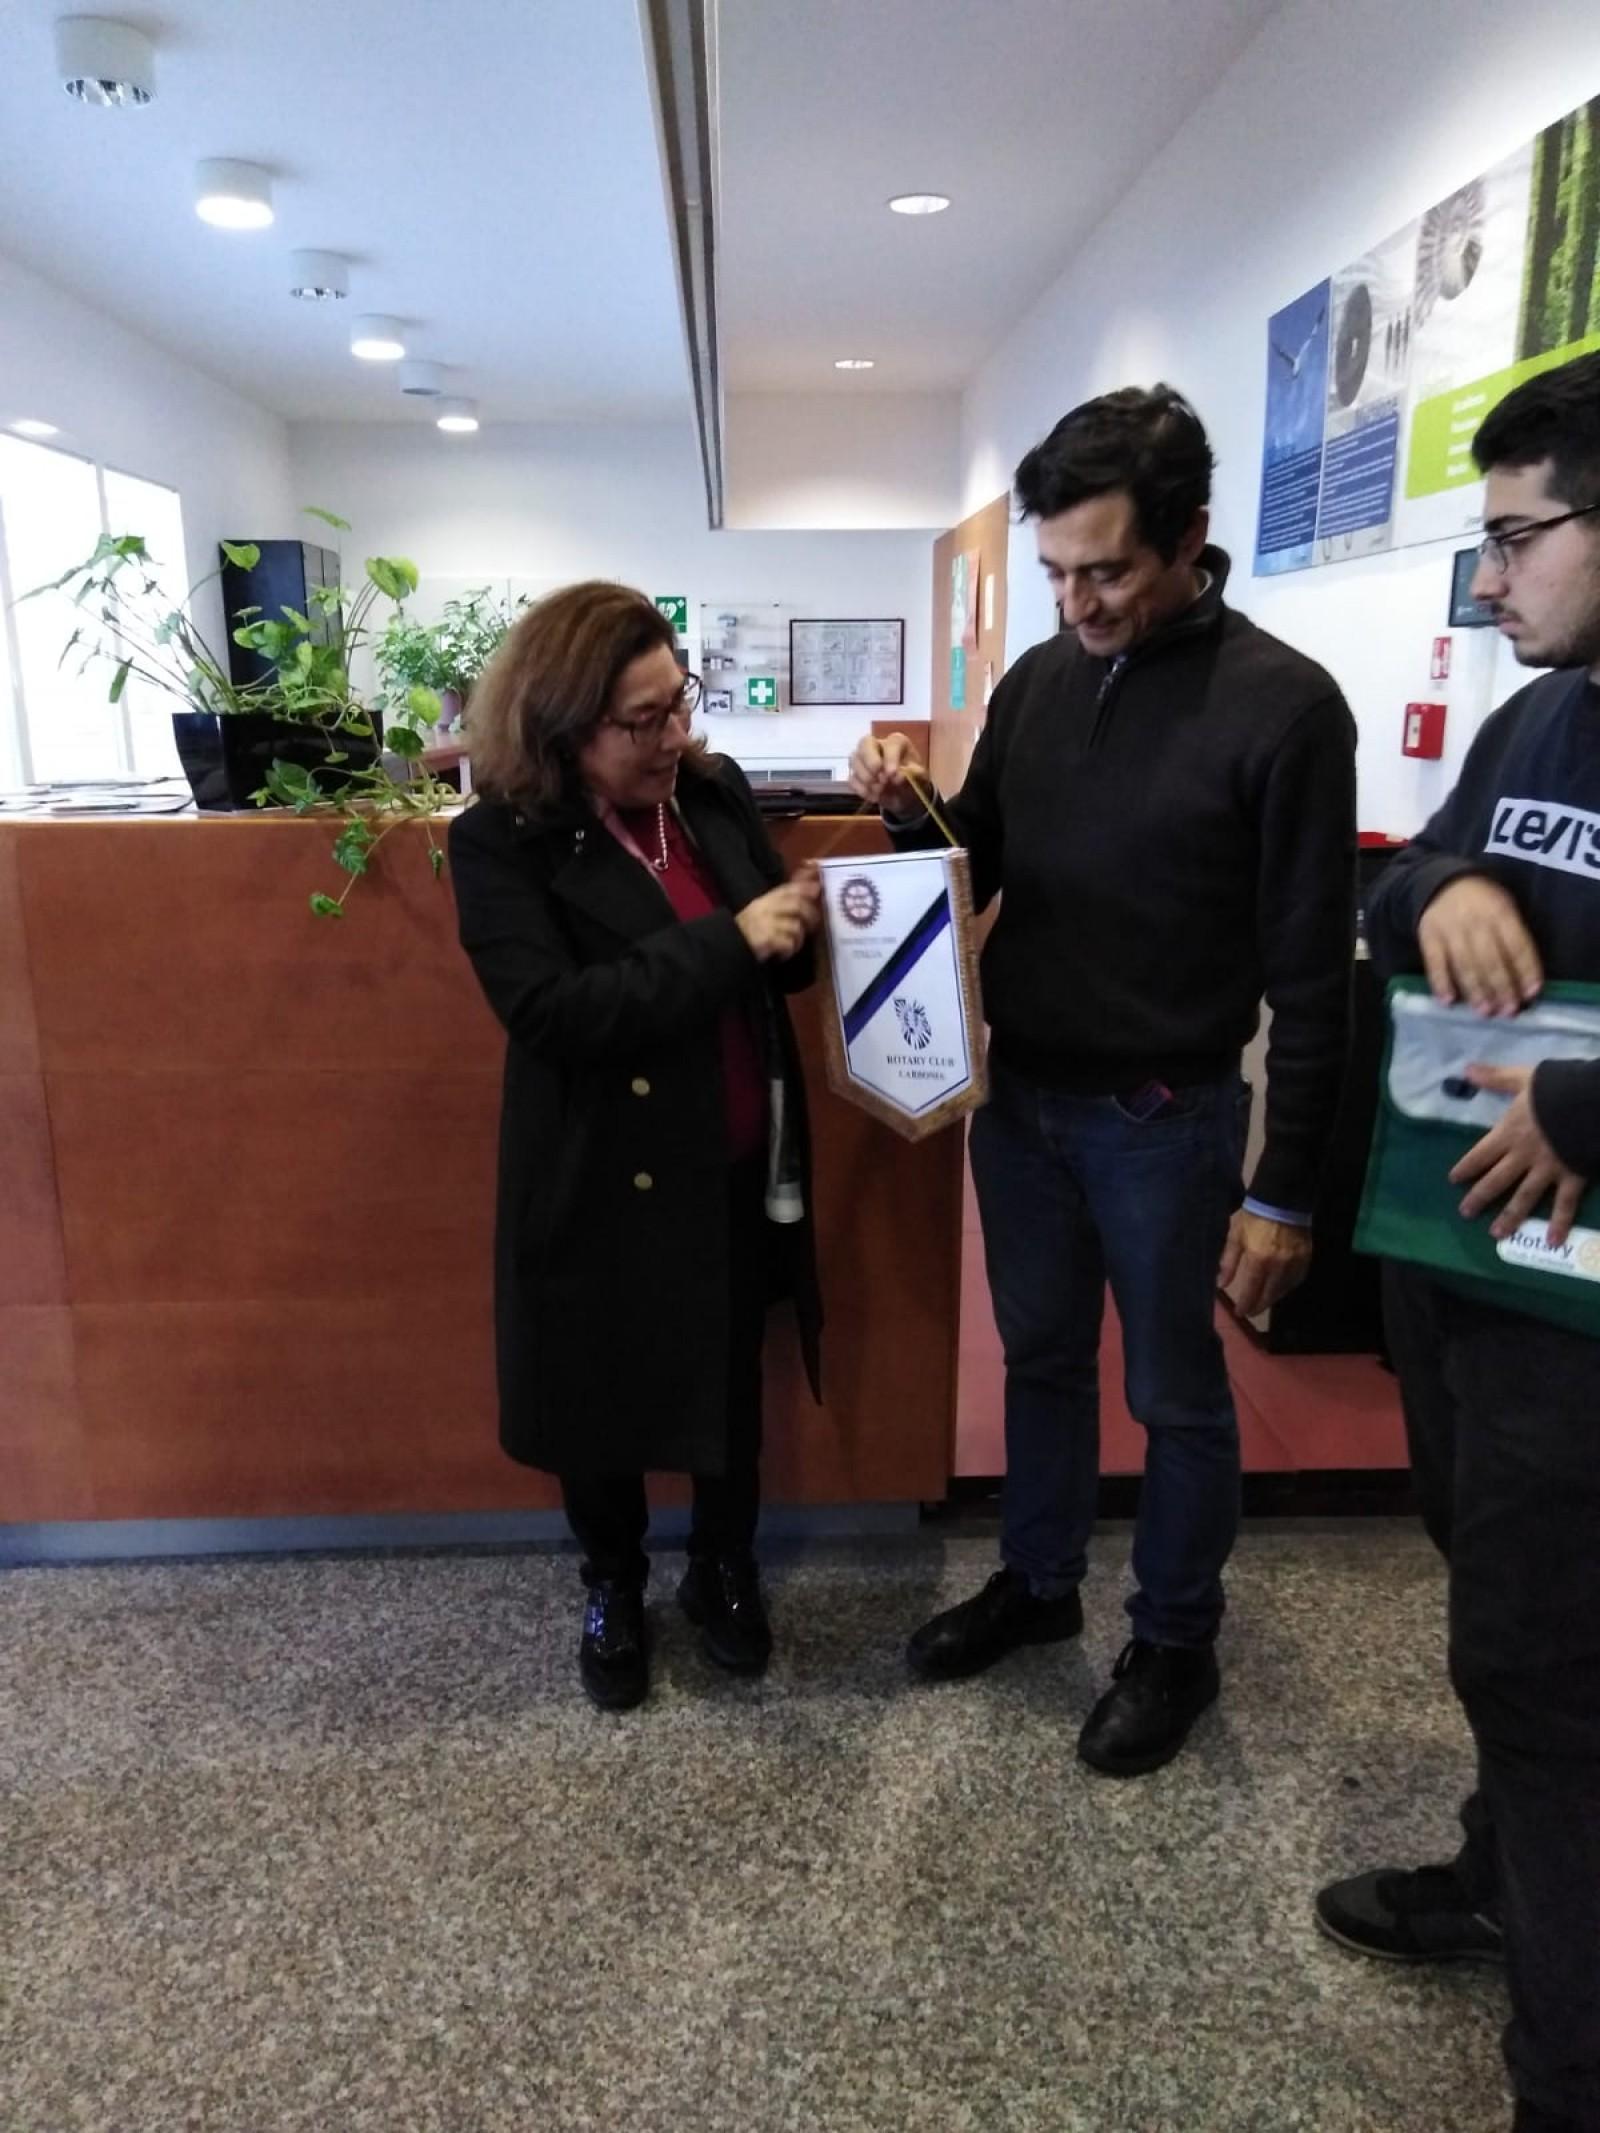 """Gallery - Progetto """"Alternanza Scuola Lavoro"""" Visita conoscitiva della struttura CRS4 Parco scientifico e tecnologico della Sardegna di """"Sardegna Ricerche""""."""